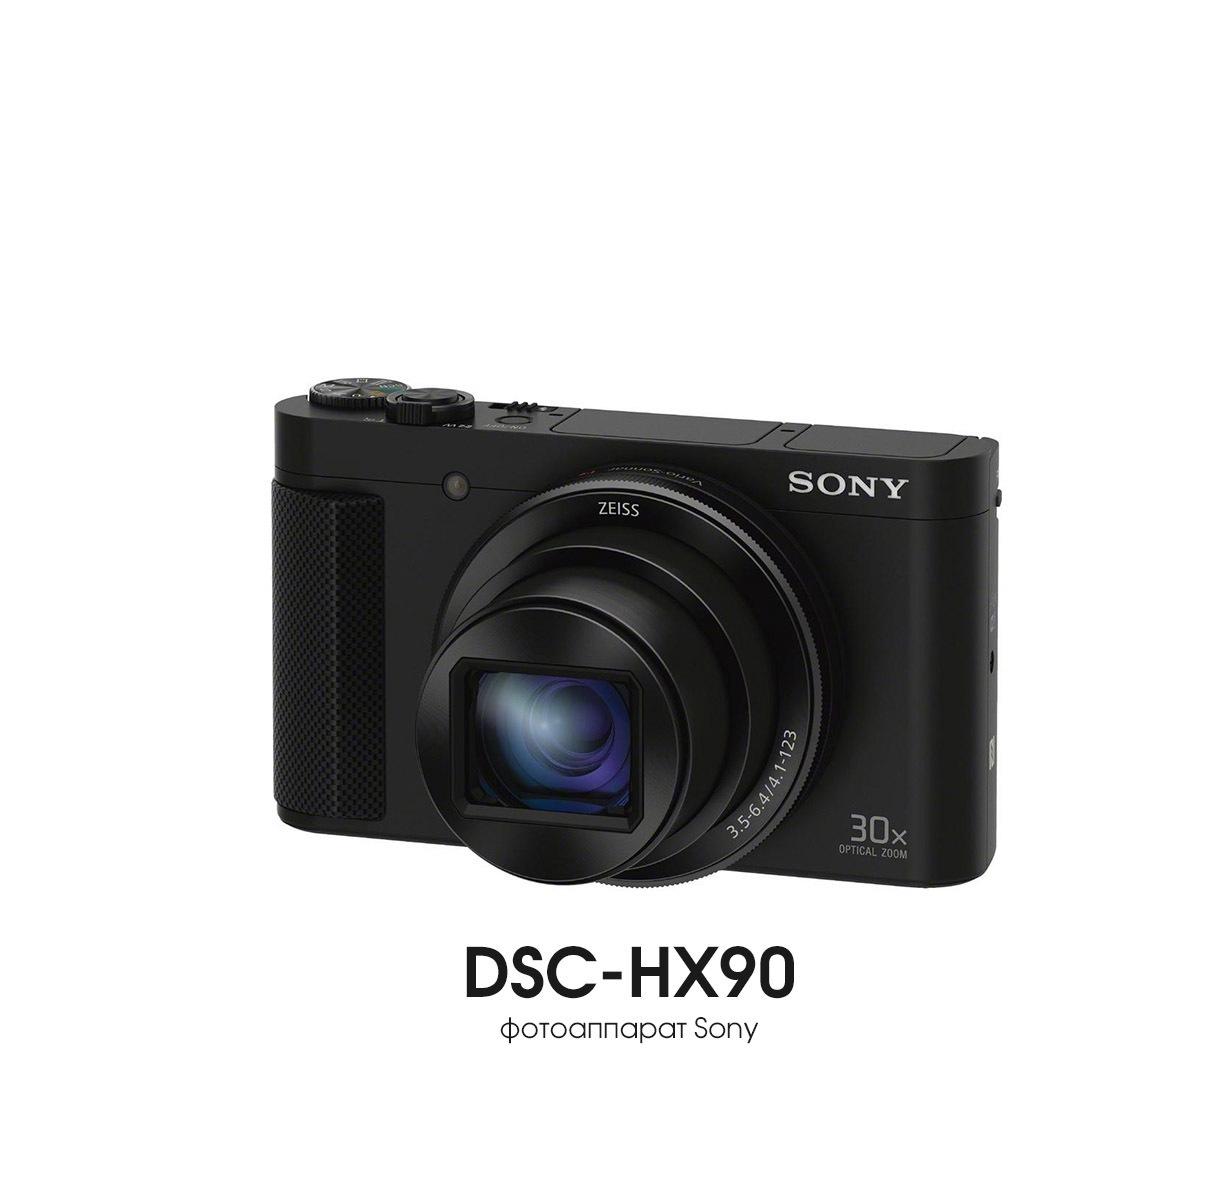 Фотоаппарат Sony DSC-HX90B купить в Sony Centre Воронеж